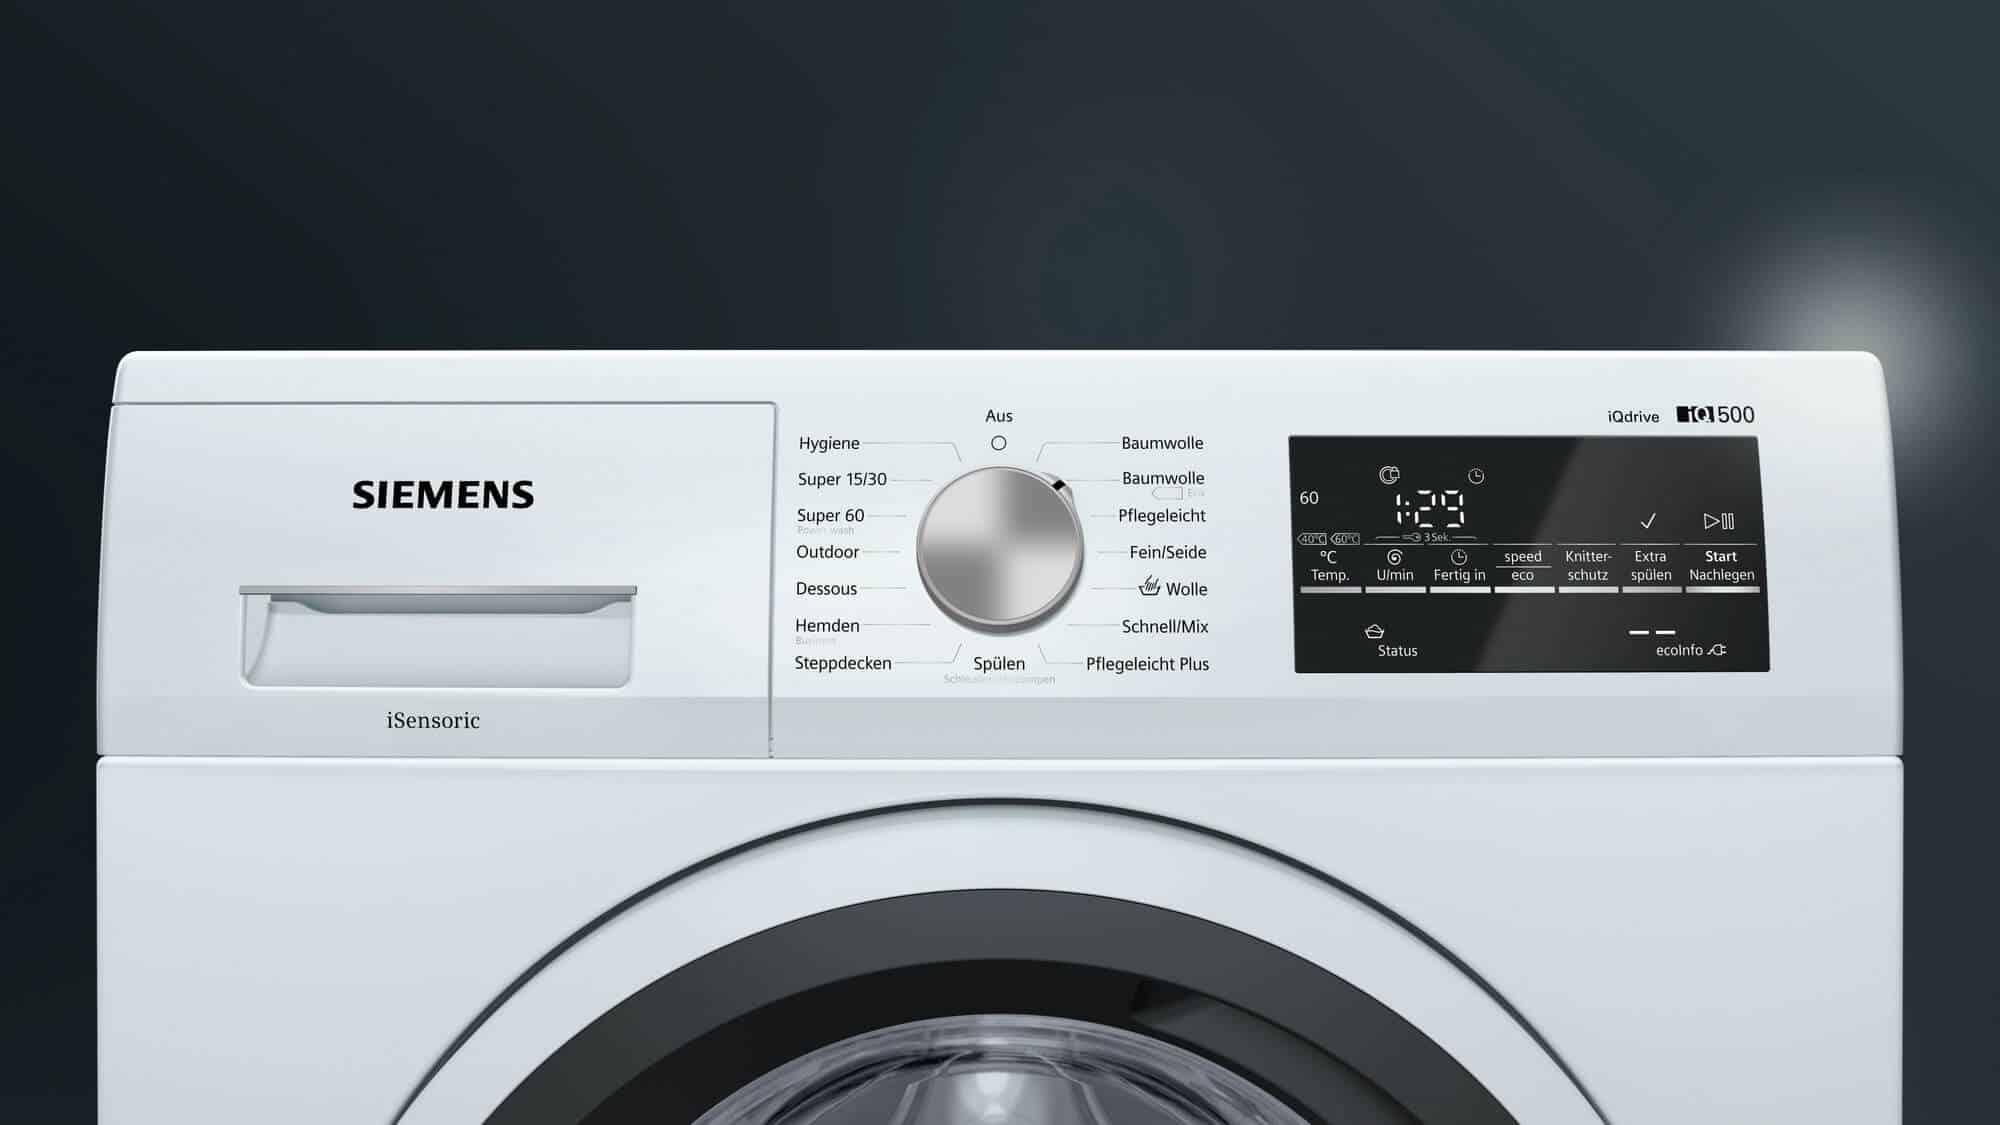 Siemens wm14t421 waschmaschine im test 07 2018